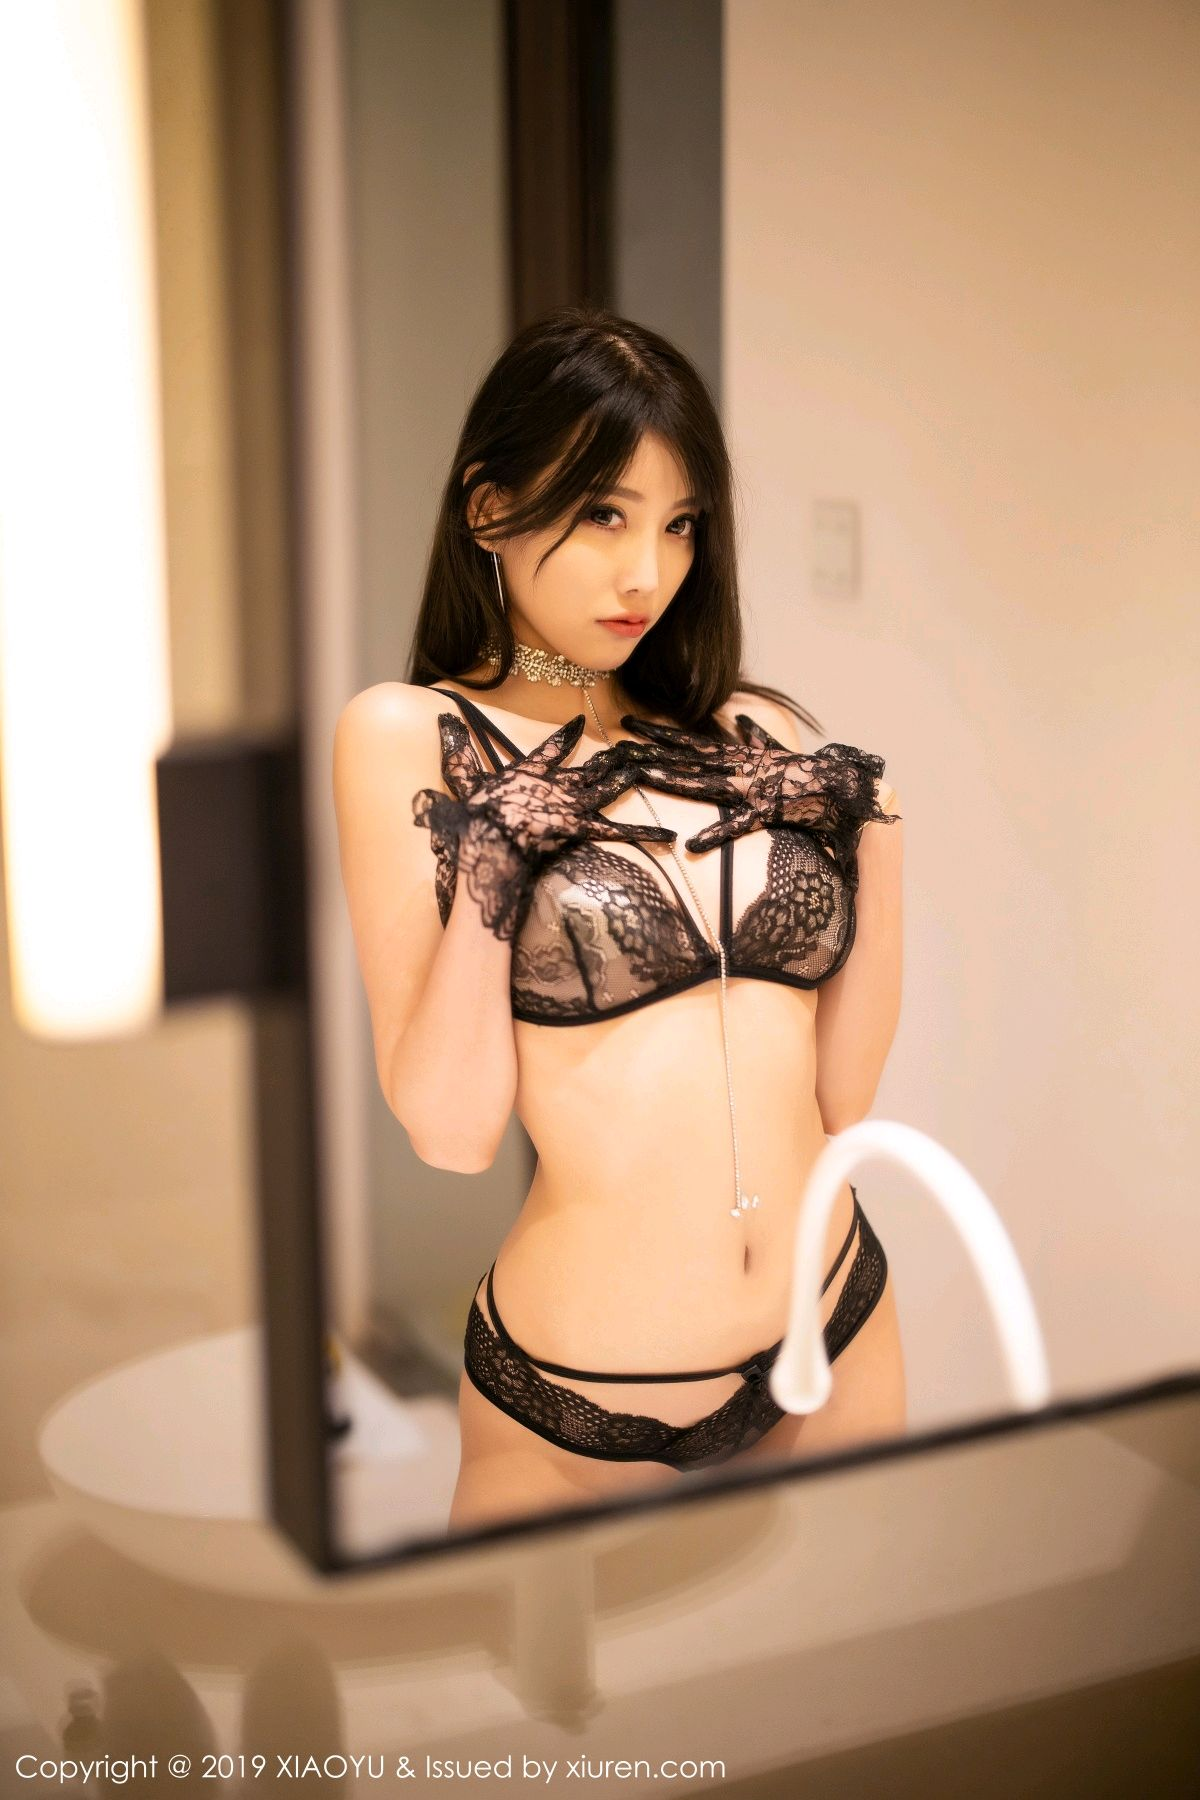 [XiaoYu] Vol.189 Yang Chen Chen 32P, Black Silk, Underwear, XiaoYu, Yang Chen Chen